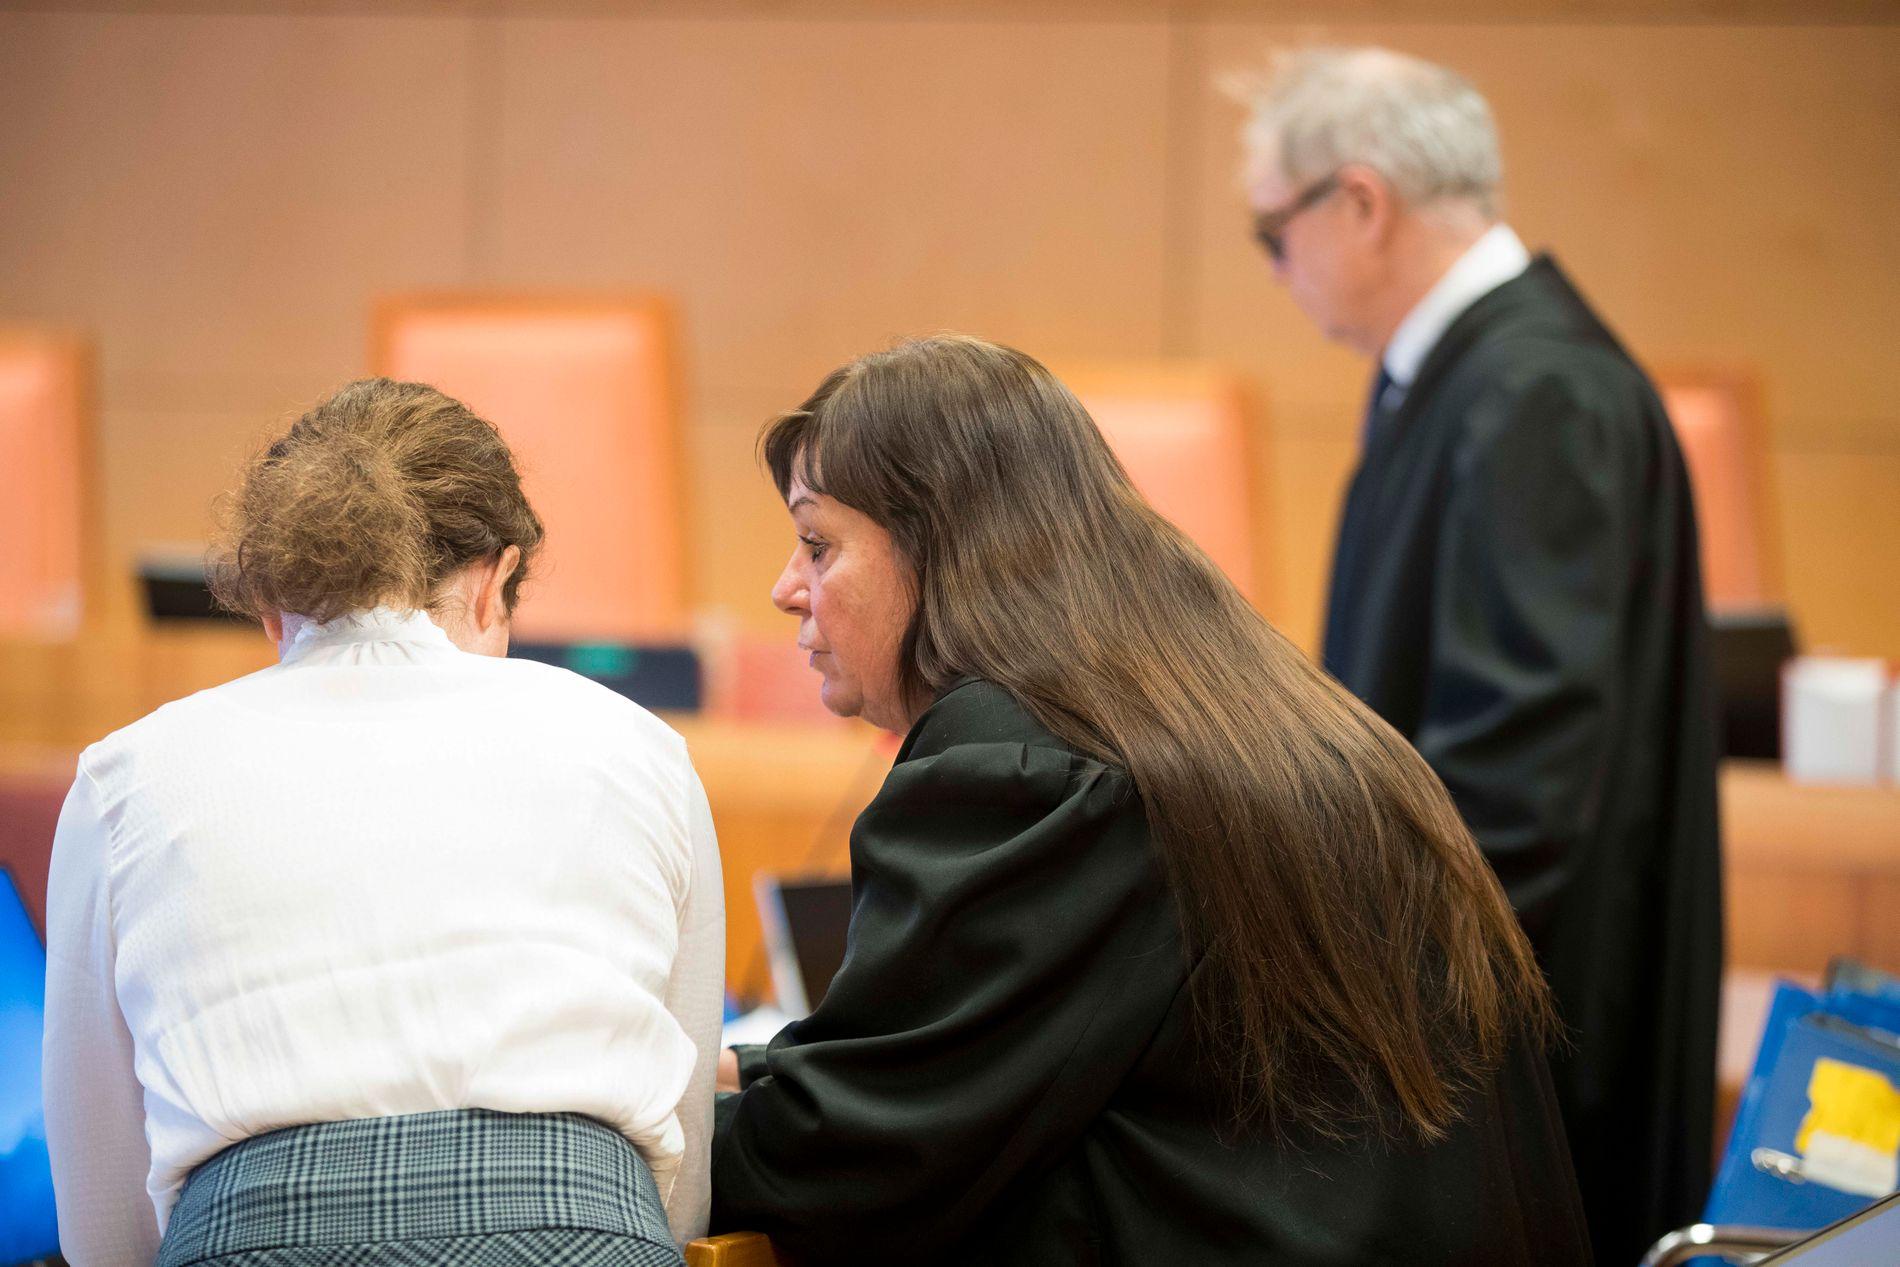 FRI FORKLARING: Den tiltalte kvinnen forholdt seg rolig da hun forklarte seg i lagmannsretten tirsdag.